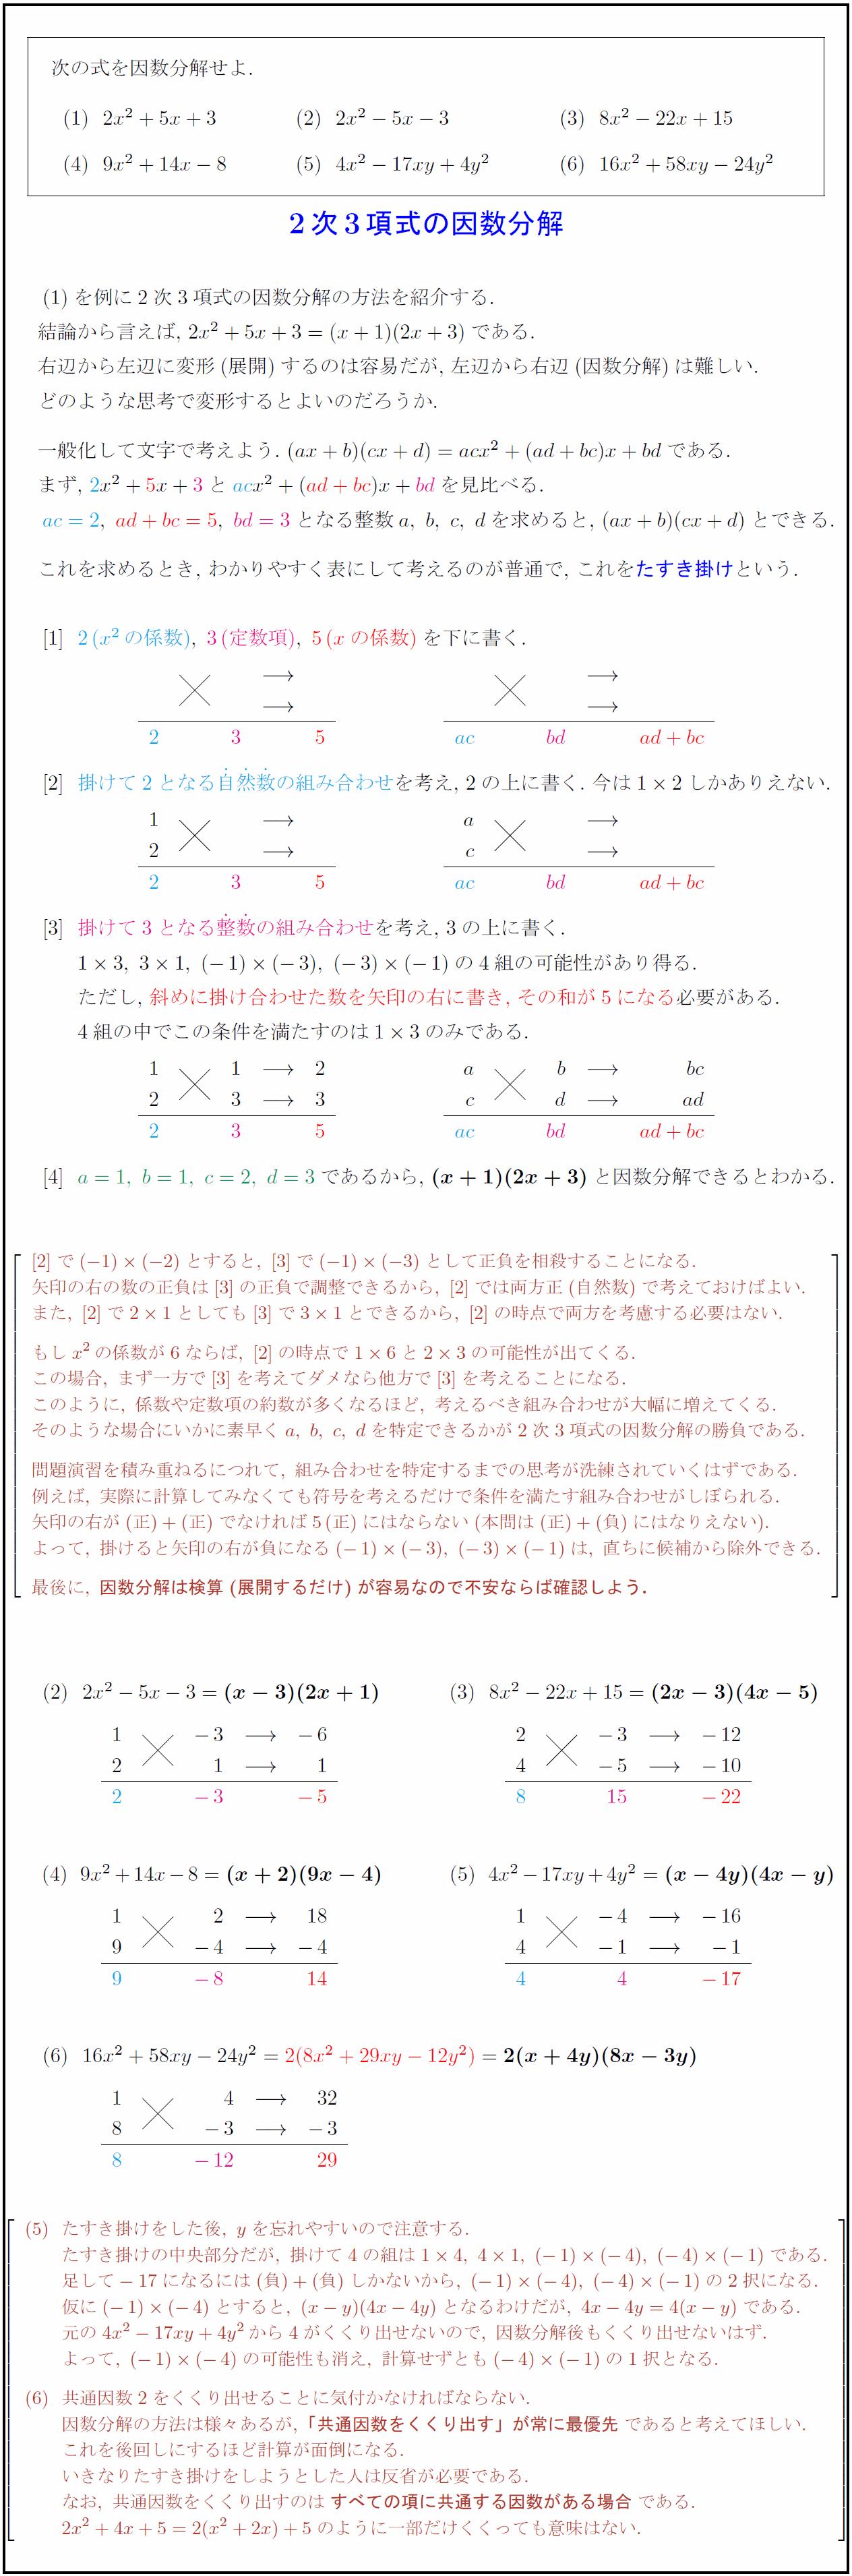 2次3項式の因数分解(たすき掛け)